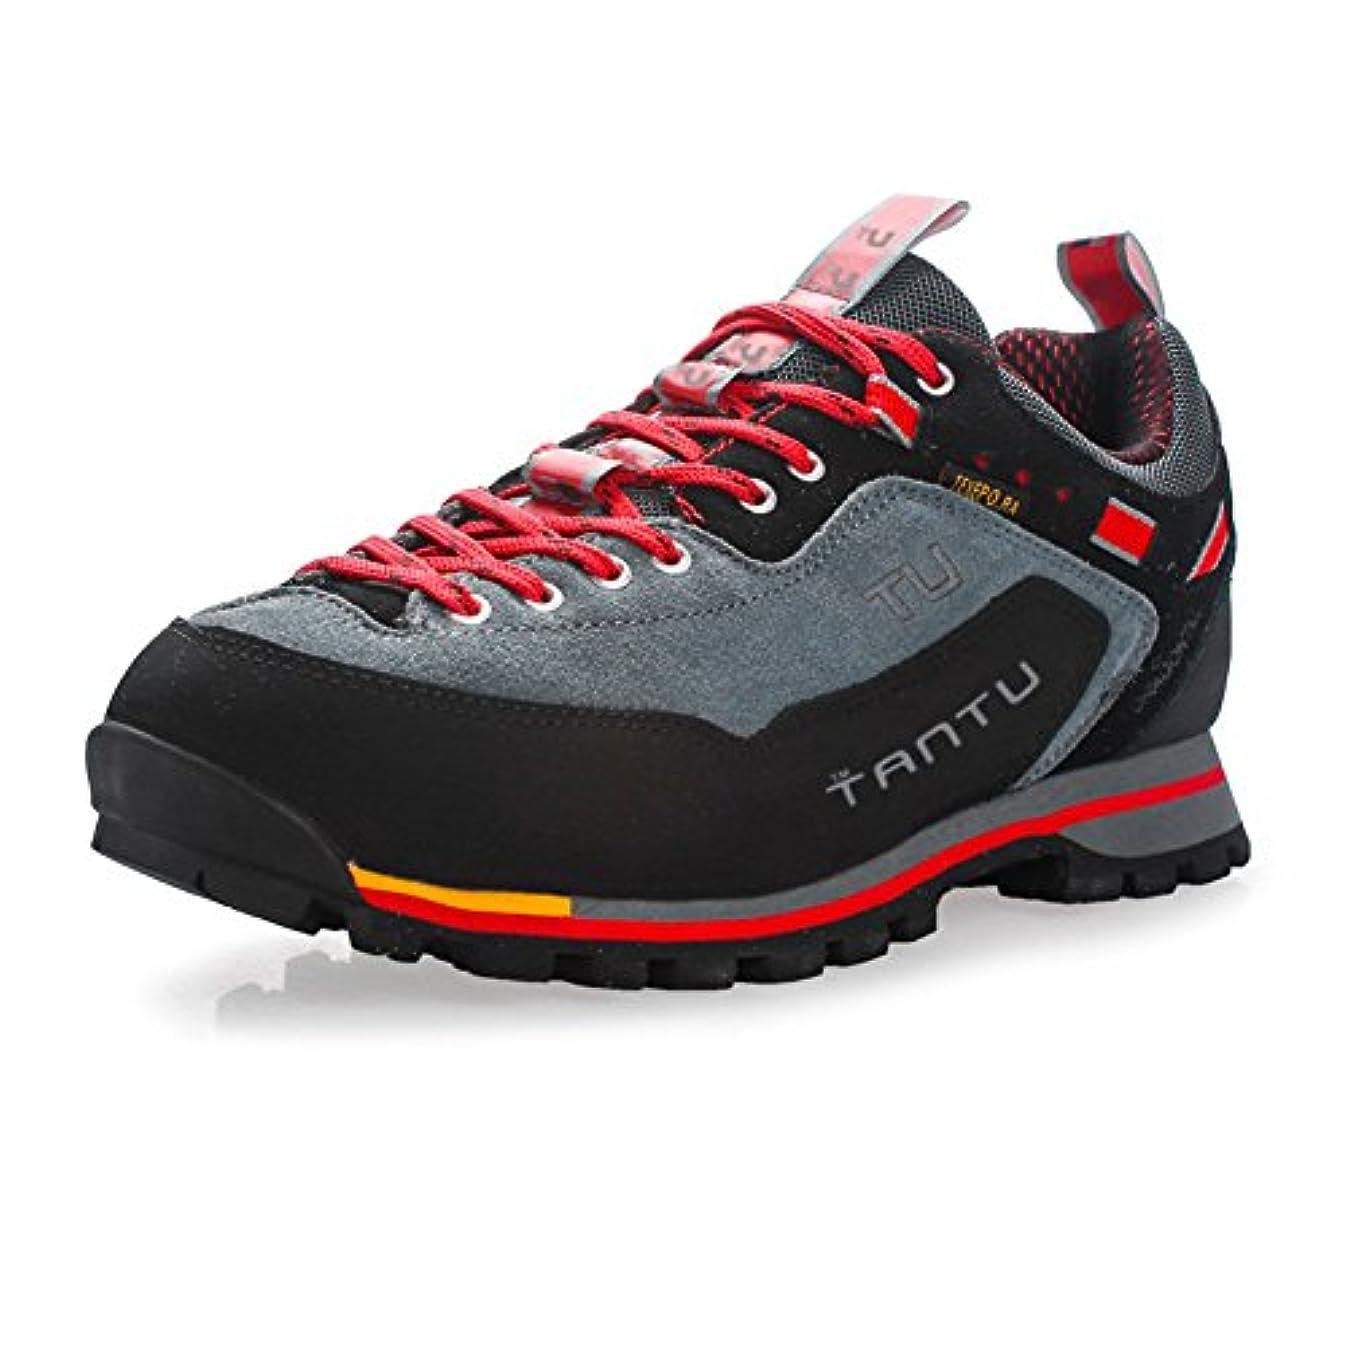 予見するヒギンズ撤退Xerhnan ハイキングシューズ メンズ 本革トレッキングシューズ ウォーキング アウトドア スニーカー 登山靴 遠足用 軽量 防滑 (26.5 cm, レッド)